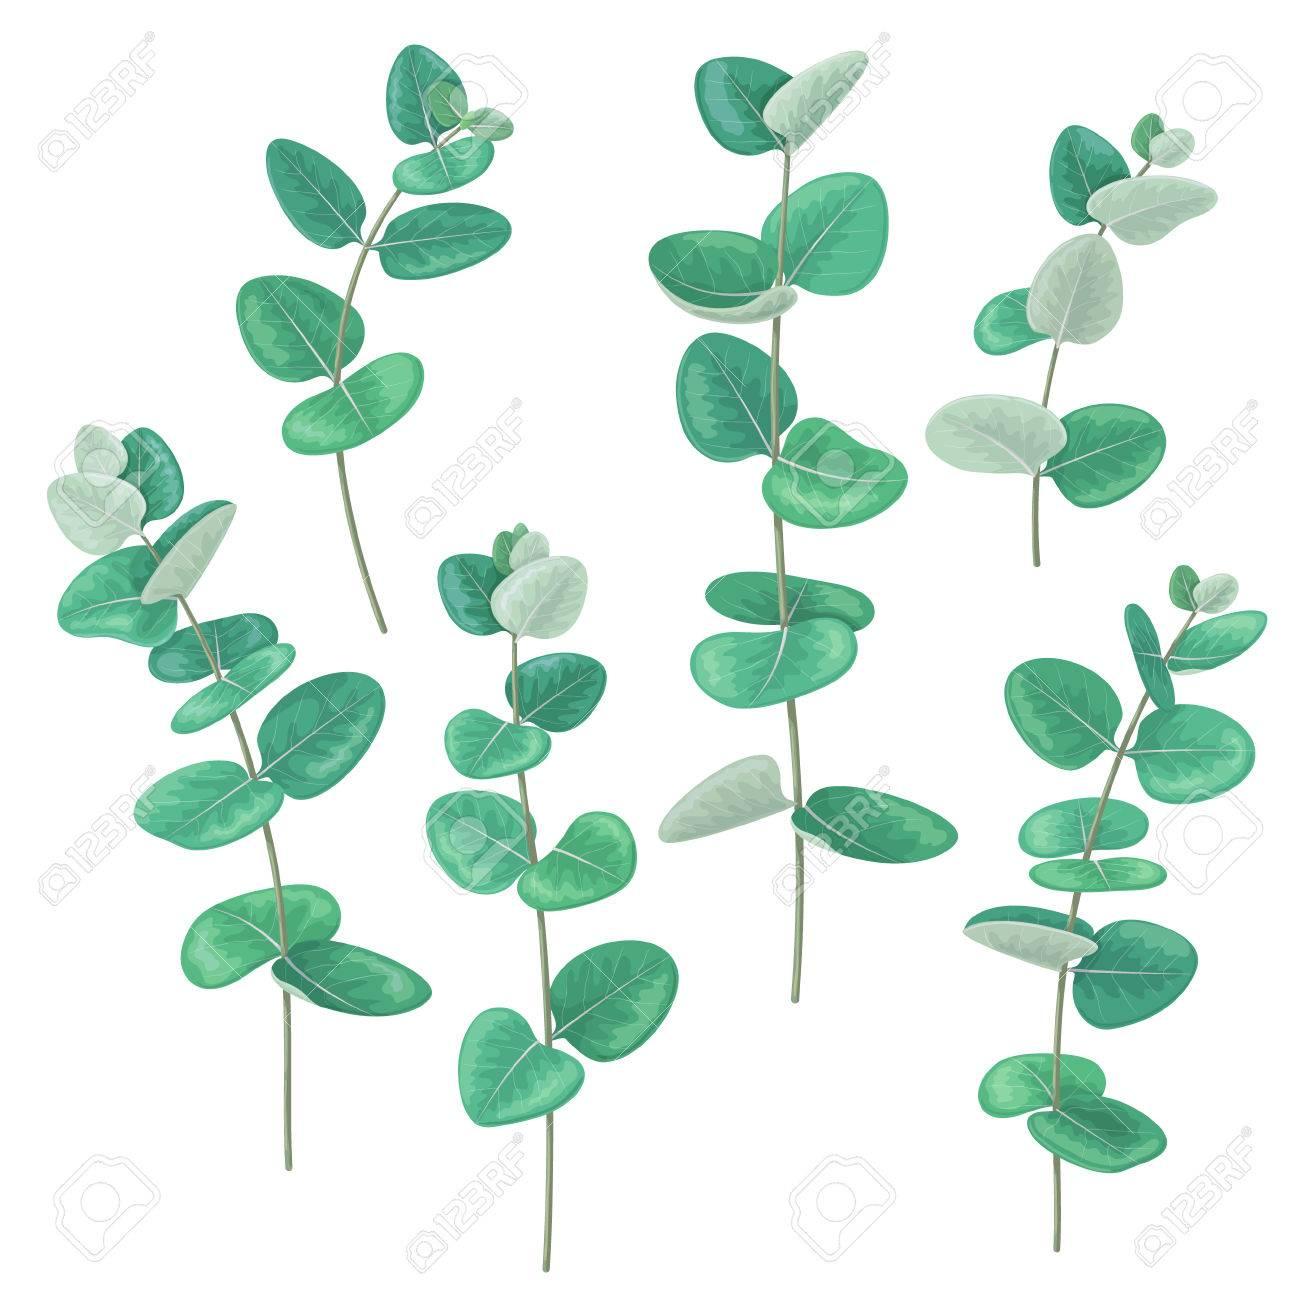 ensemble de vert branches d'eucalyptus à feuilles rondes isolé sur